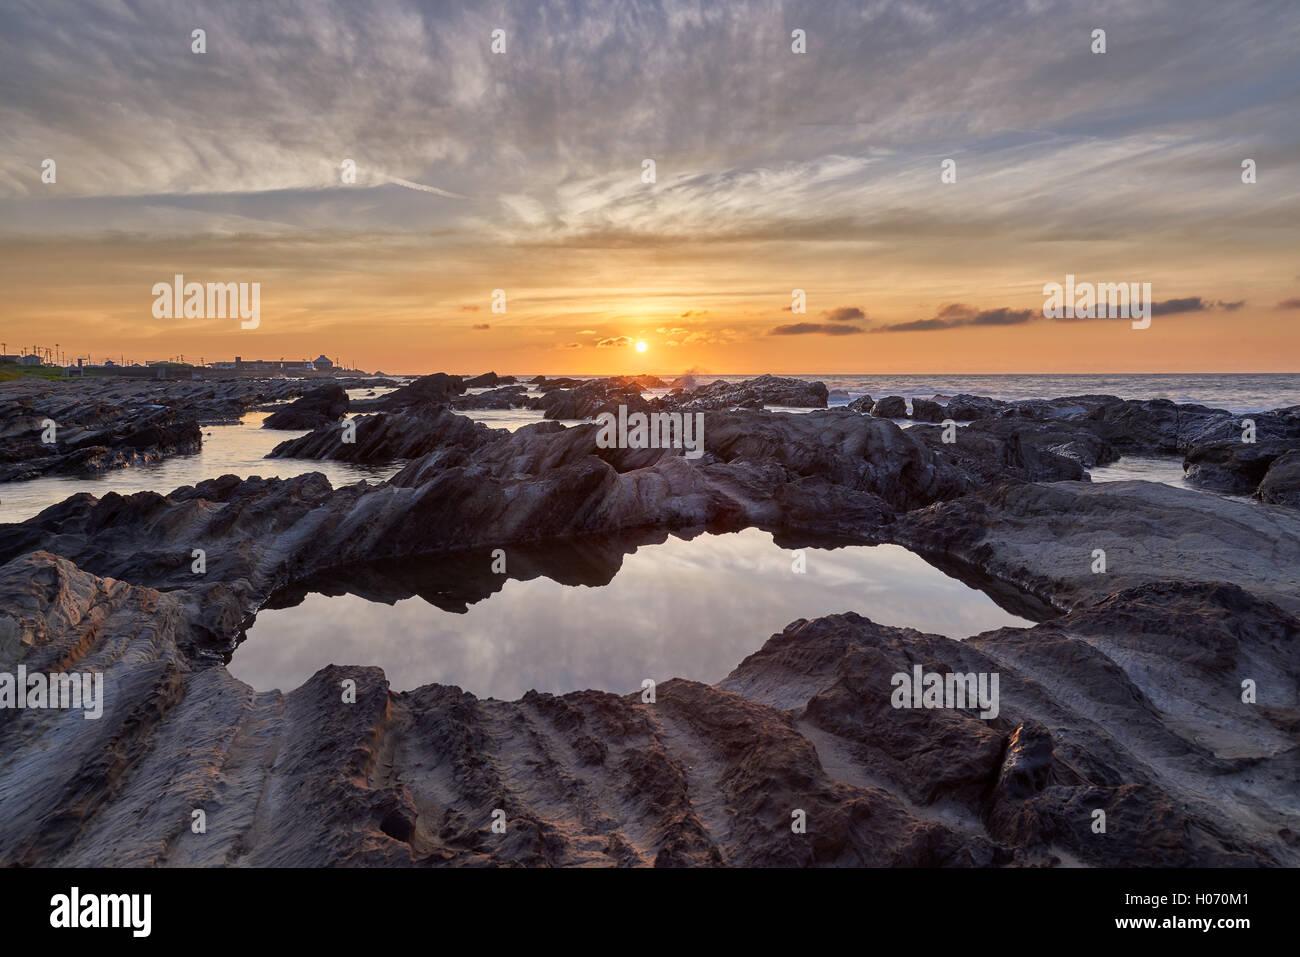 Sunrise Lichtmenge Meer Felsen am Strand am Morgen in Minamiboso, Präfektur Chiba, Japan Stockbild